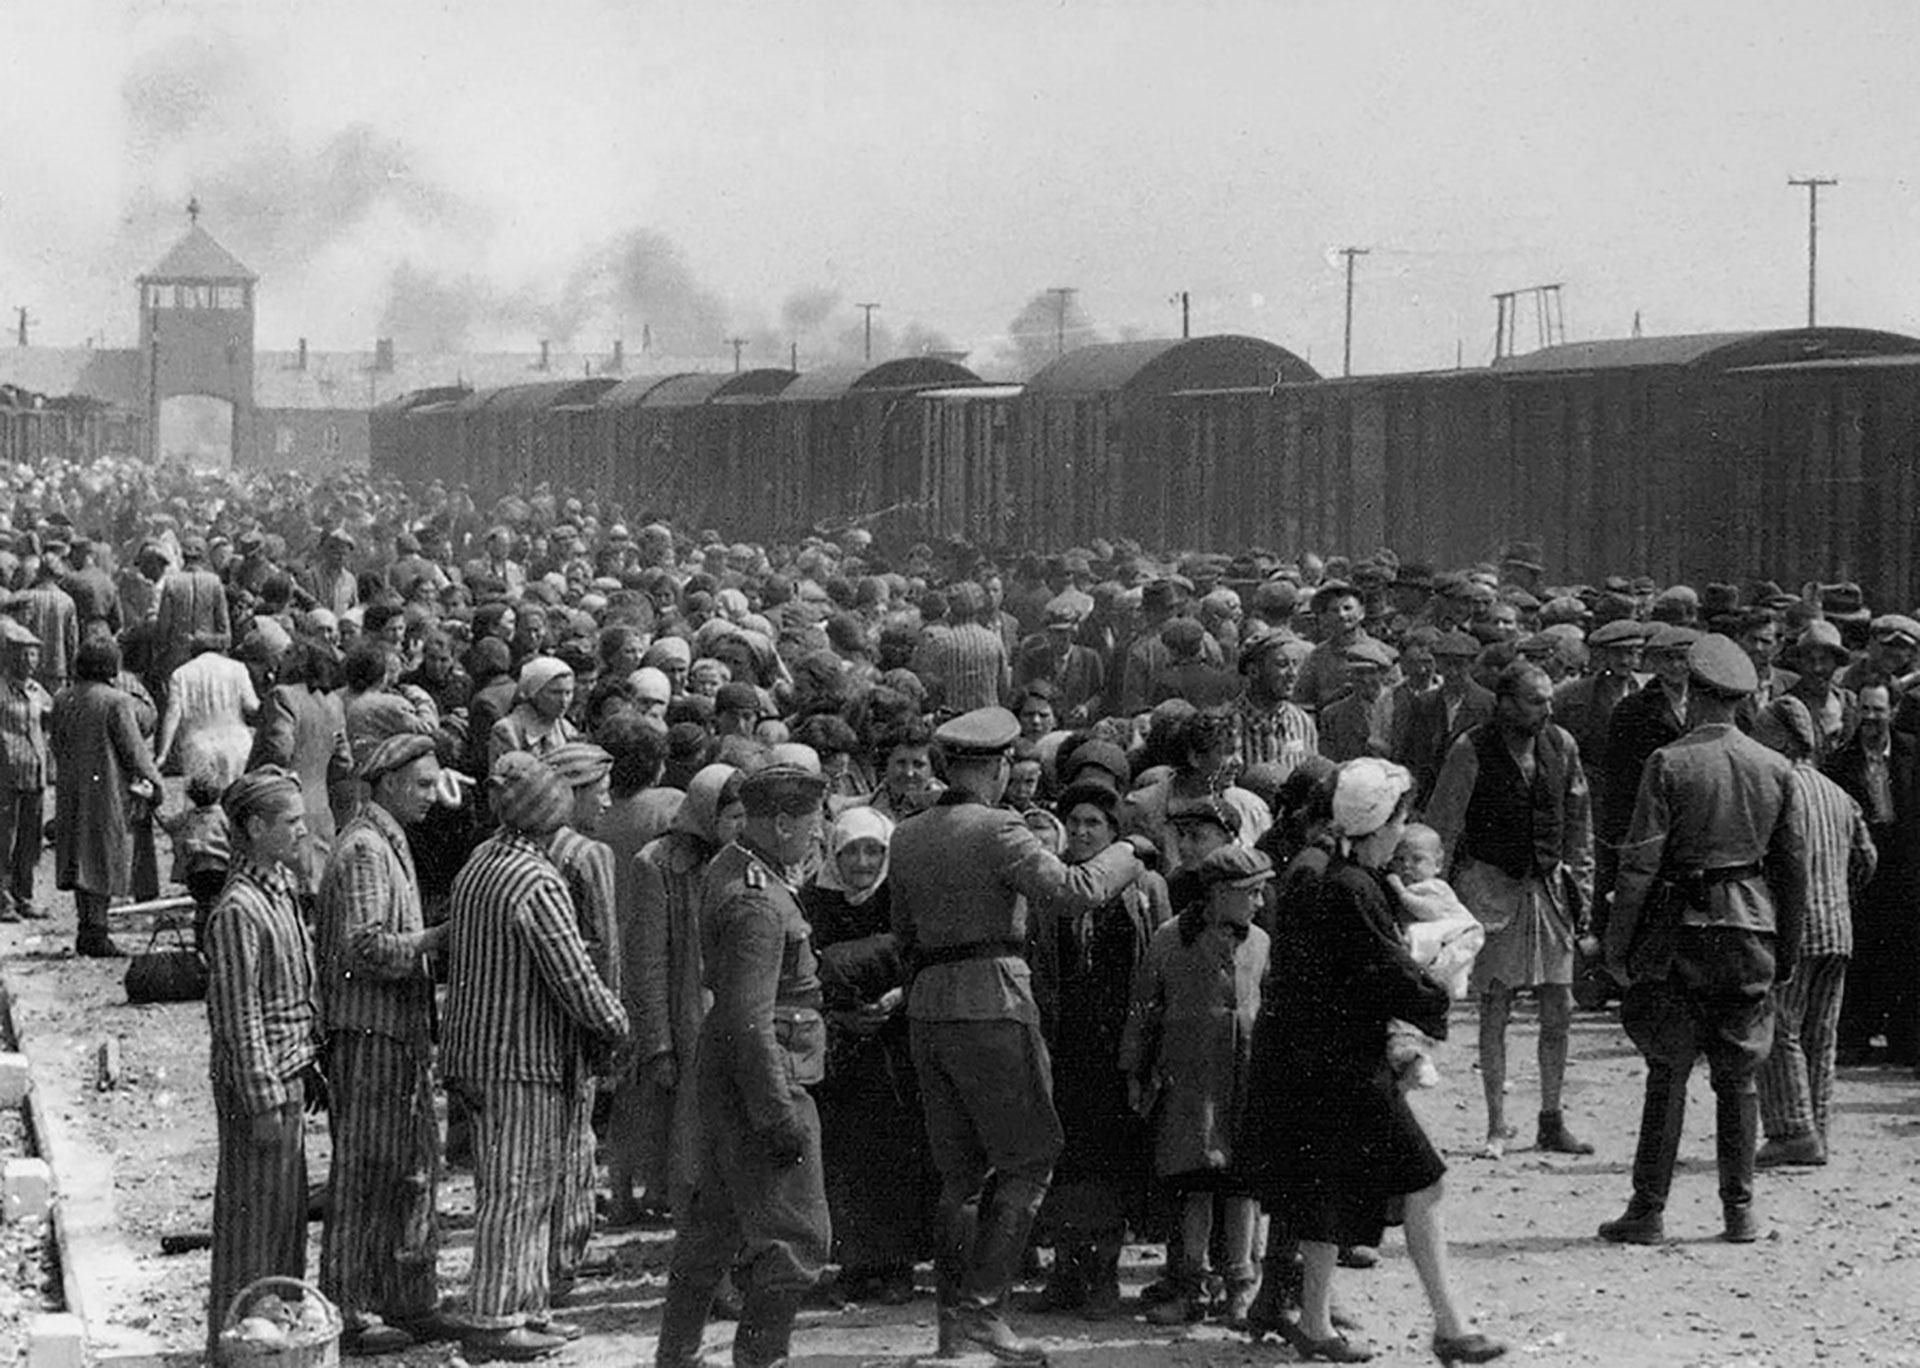 Un grupo de ciudadanos húngaros llega hasta Auschwitz-II (Birkenau), Polonia, durante la ocupación alemana